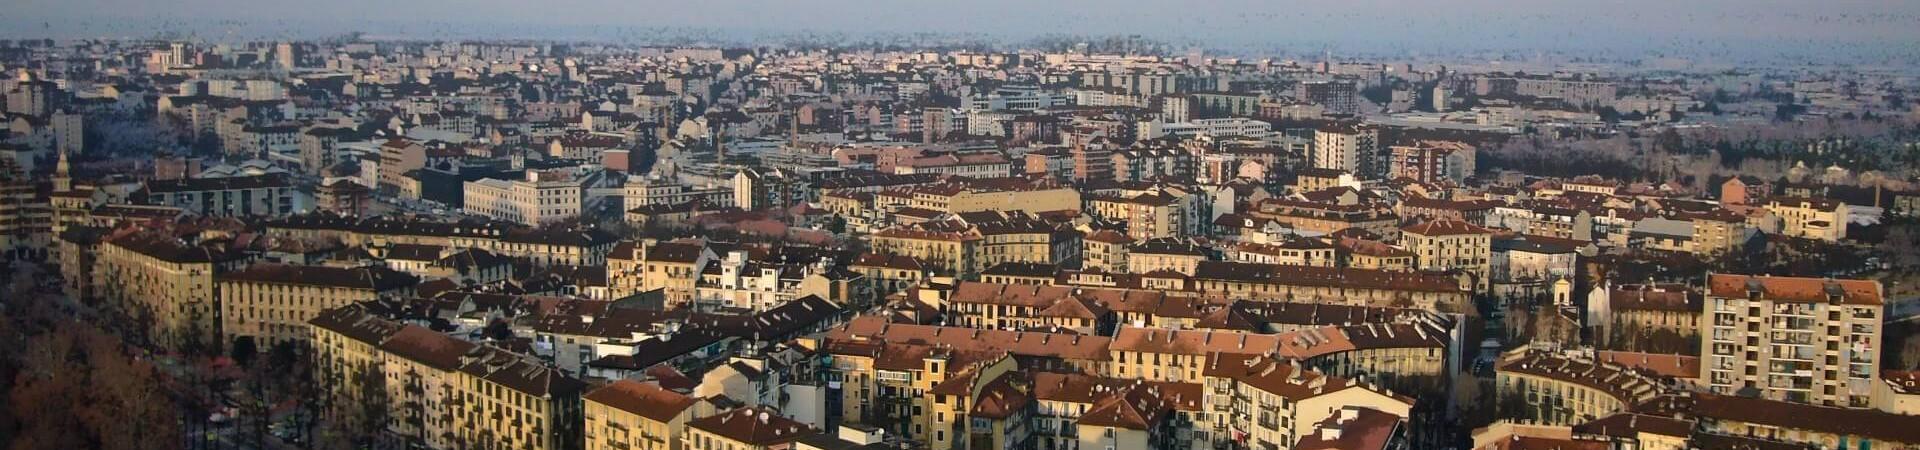 Turyn we Włoszech